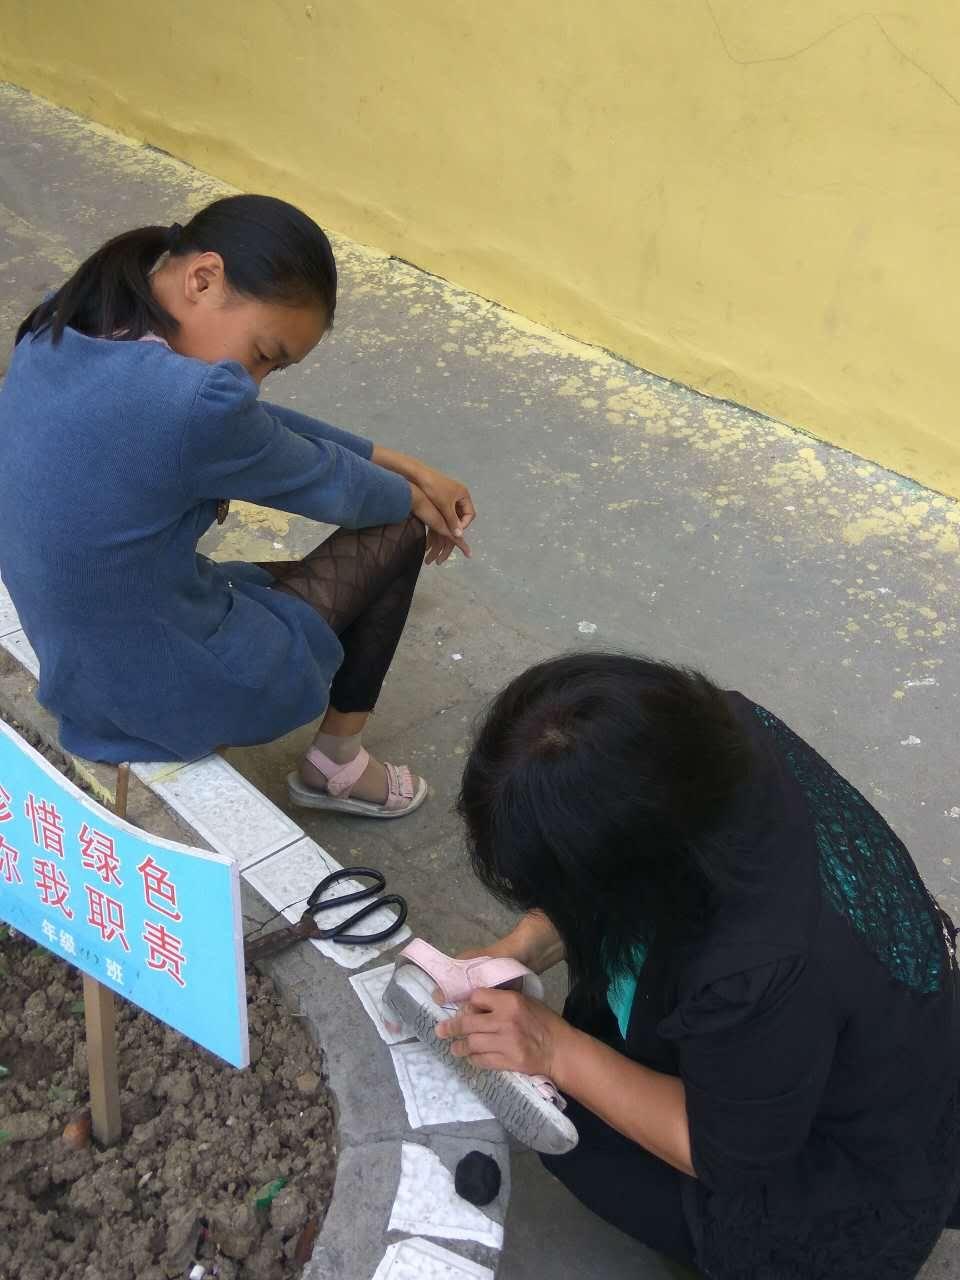 老师为留守儿补鞋 女孩偷偷抹泪